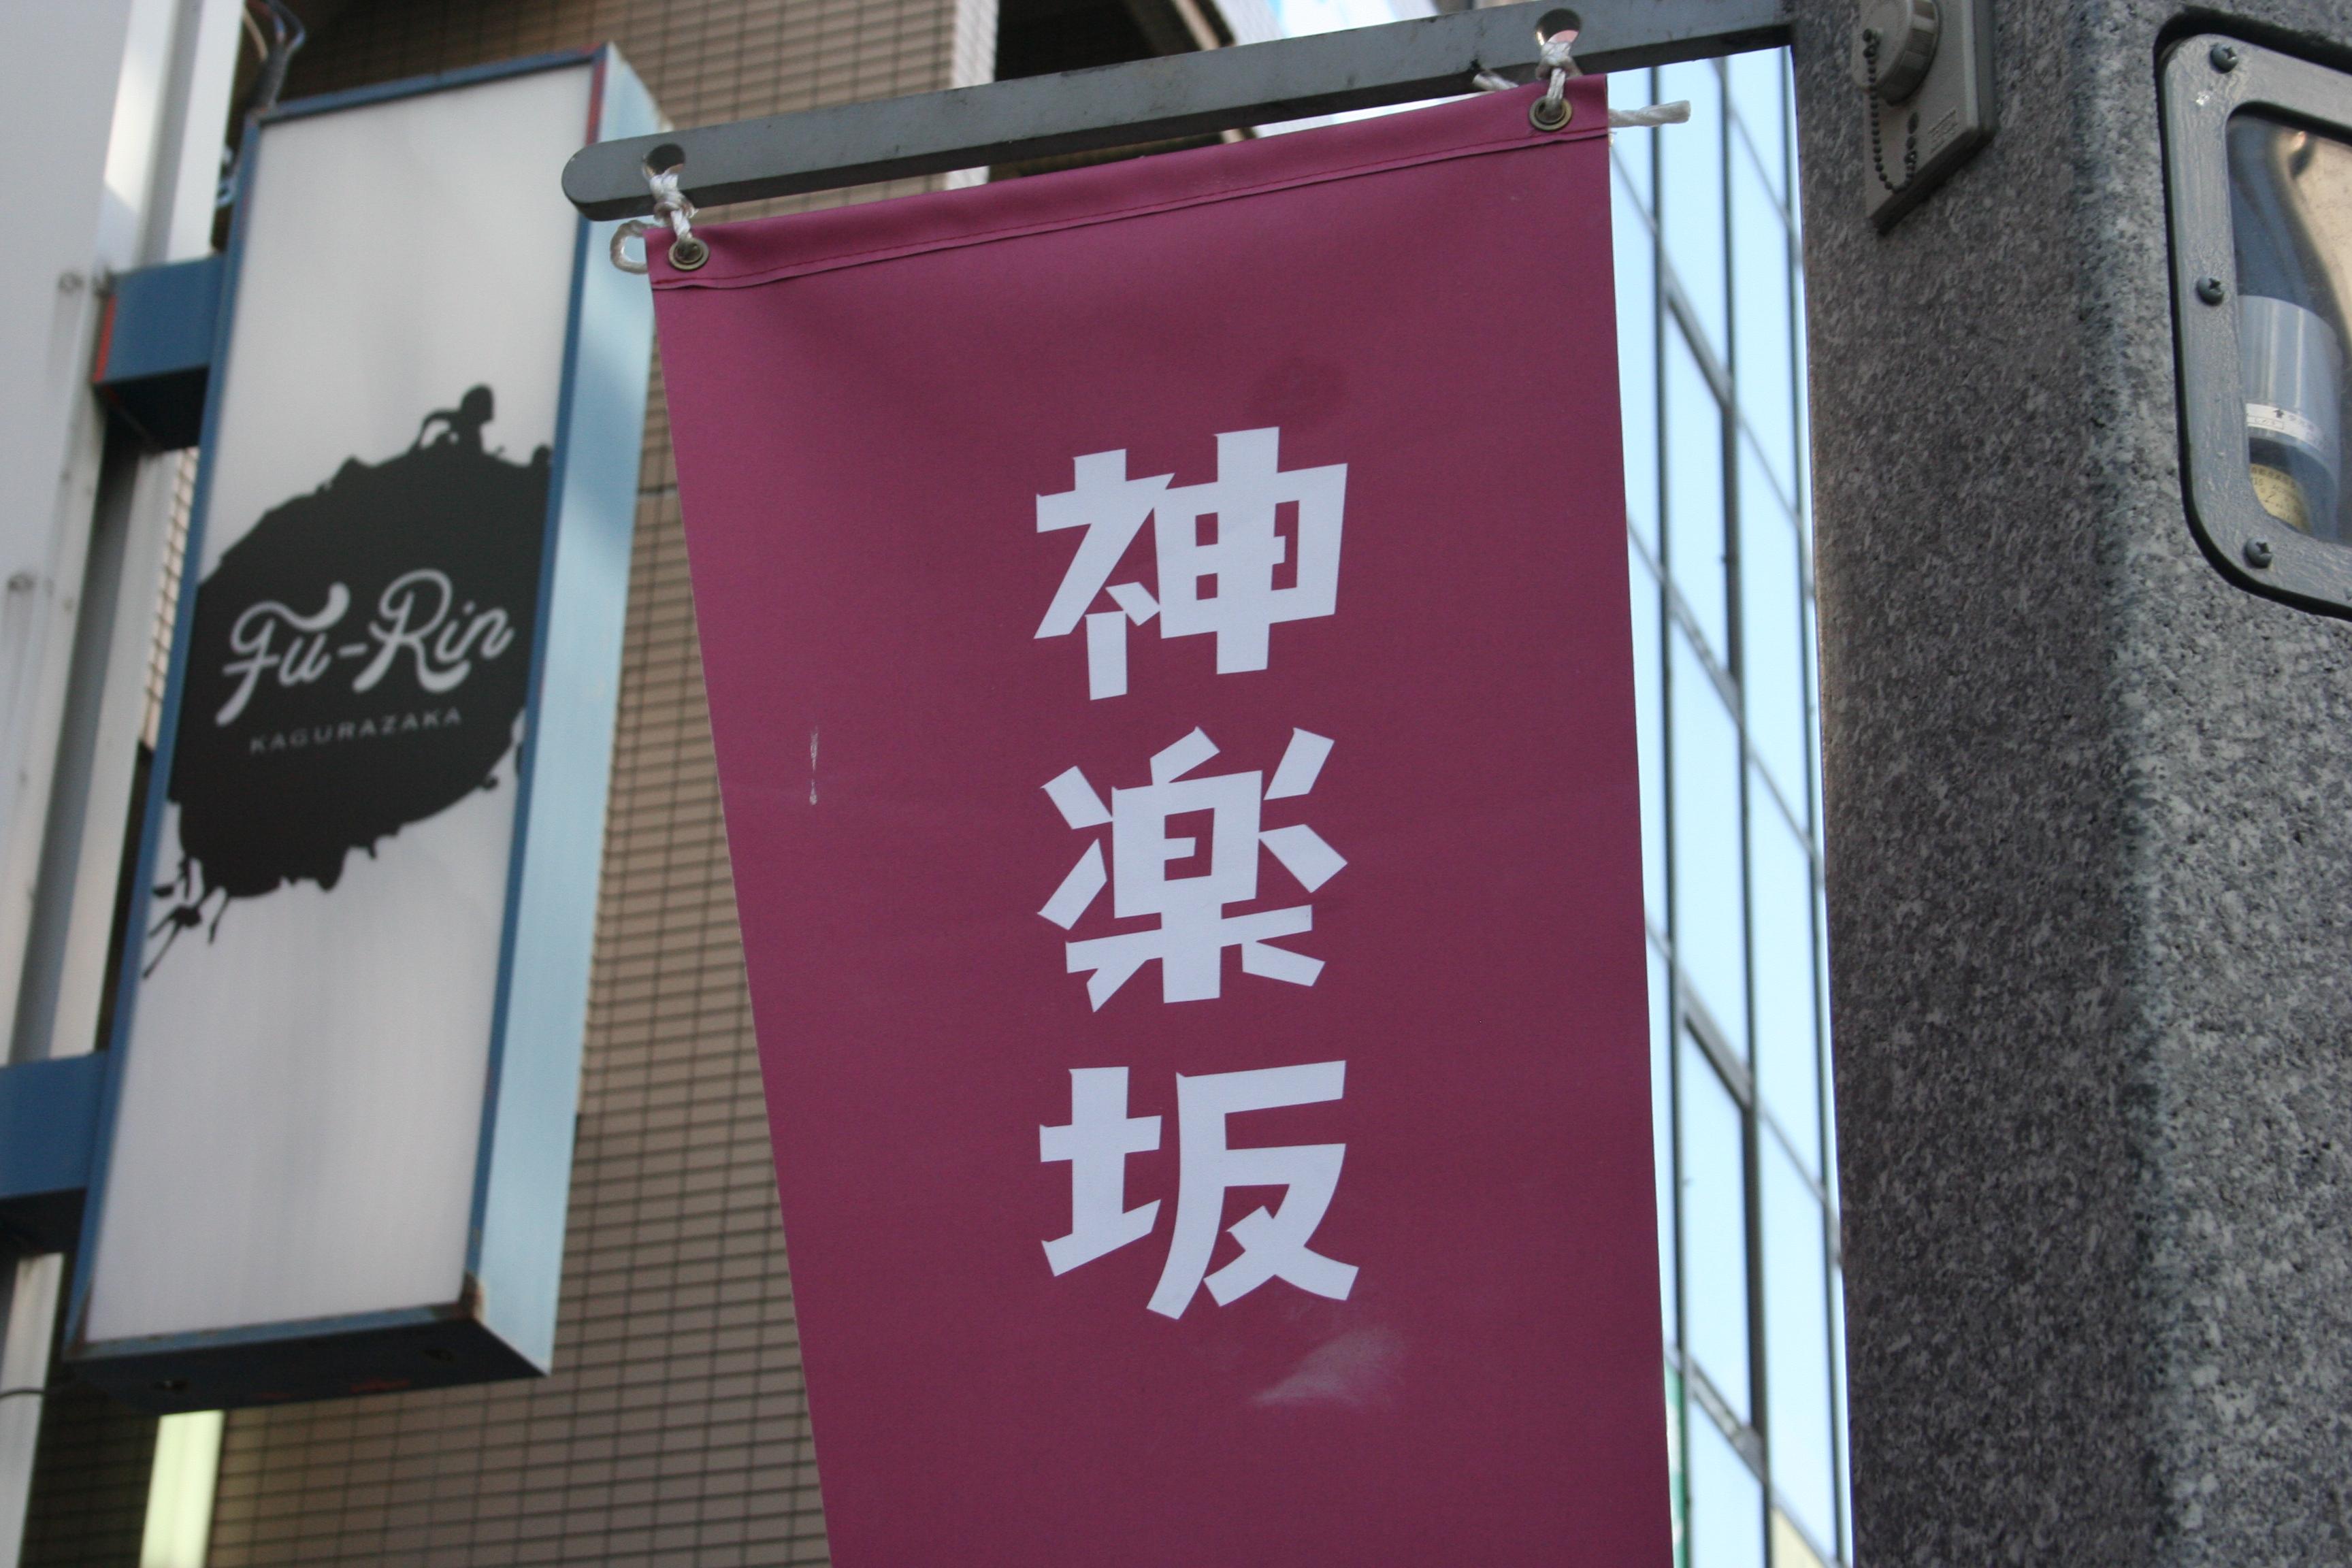 도쿄-카구라자카18